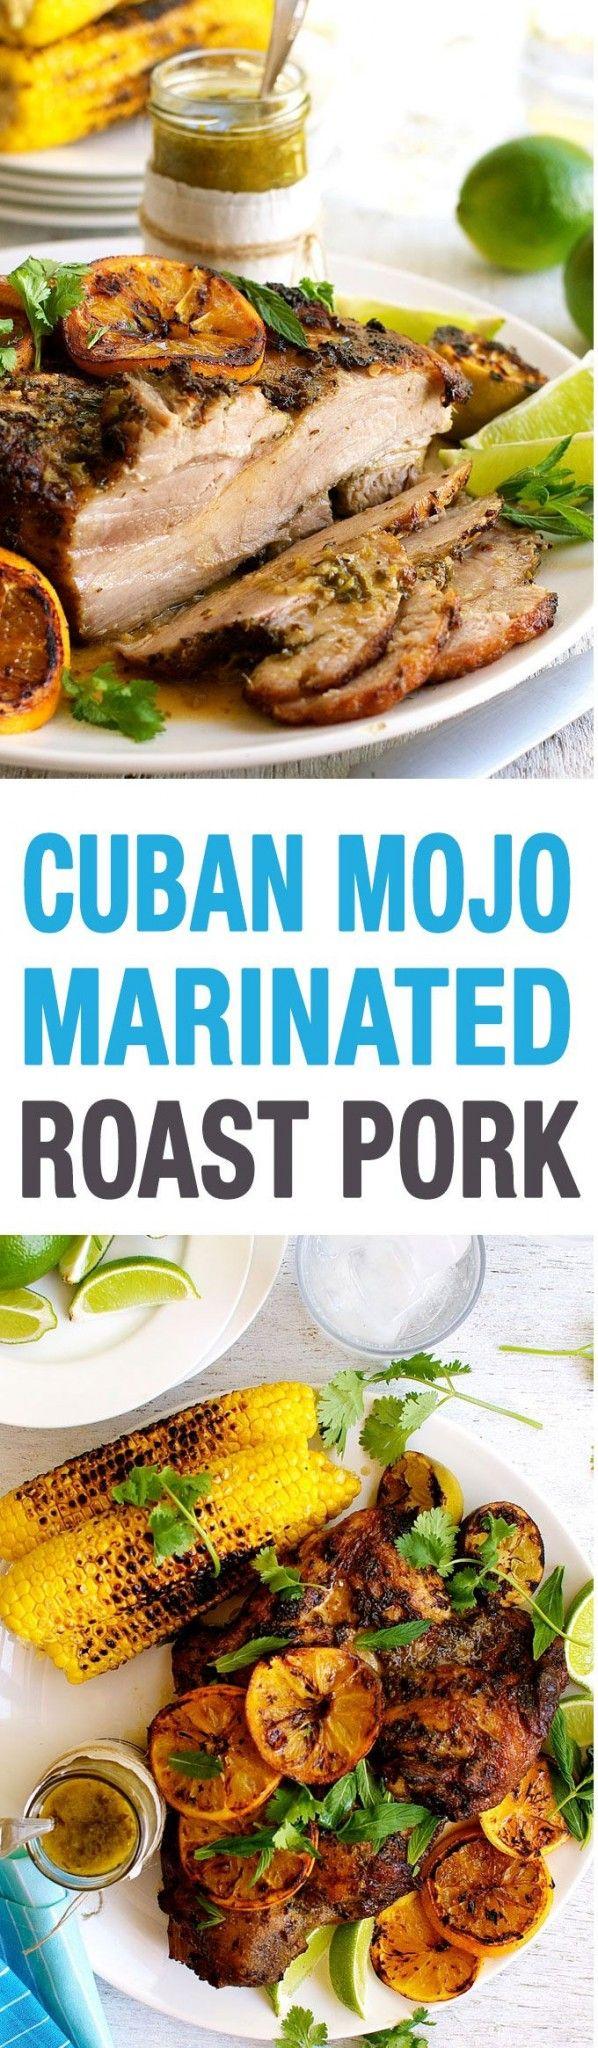 Authentic Juicy Cuban Mojo Pork Roast (Chef Movie recipe) - RecipeTin Eats, ,